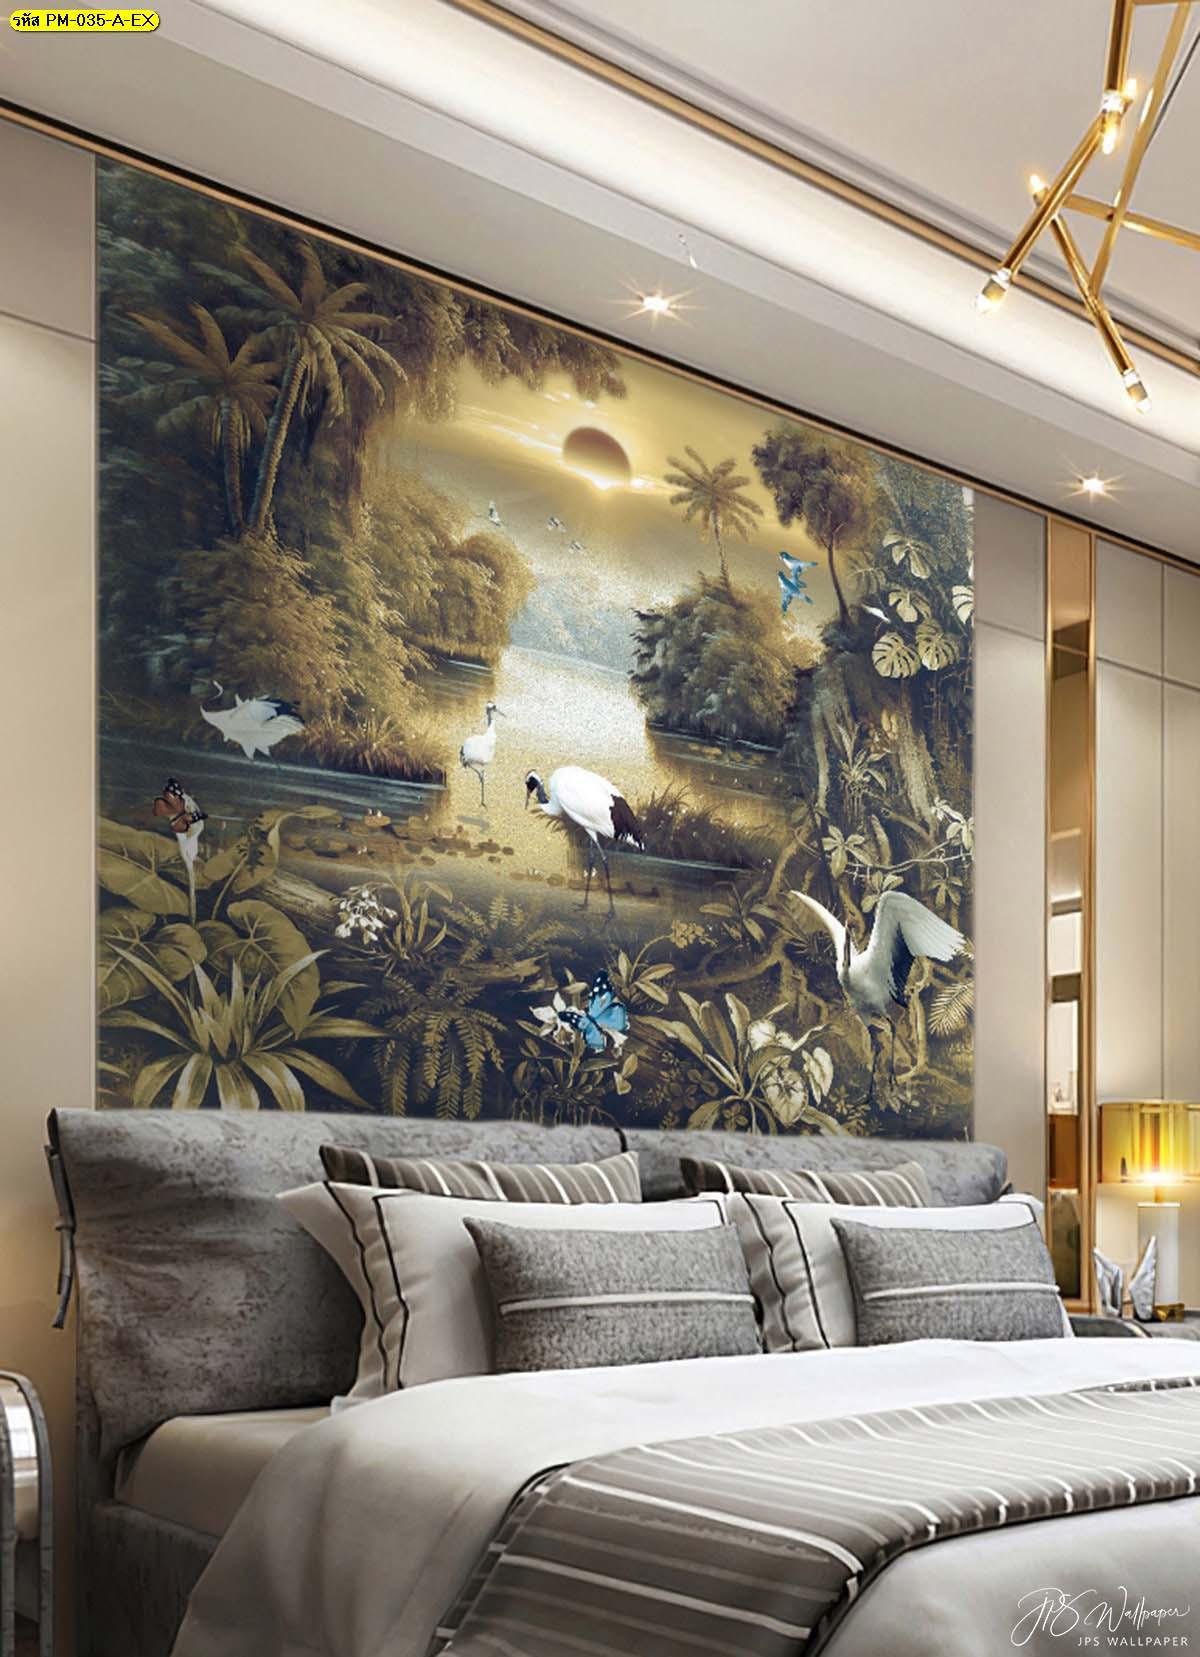 ห้องนอนสีเทาวินเทจ สั่งออกแบบวอลเปเปอร์ติดผนัง วอลเปเปอร์ติดผนังรูปป่า วอลเปเปอร์ติดผนัง